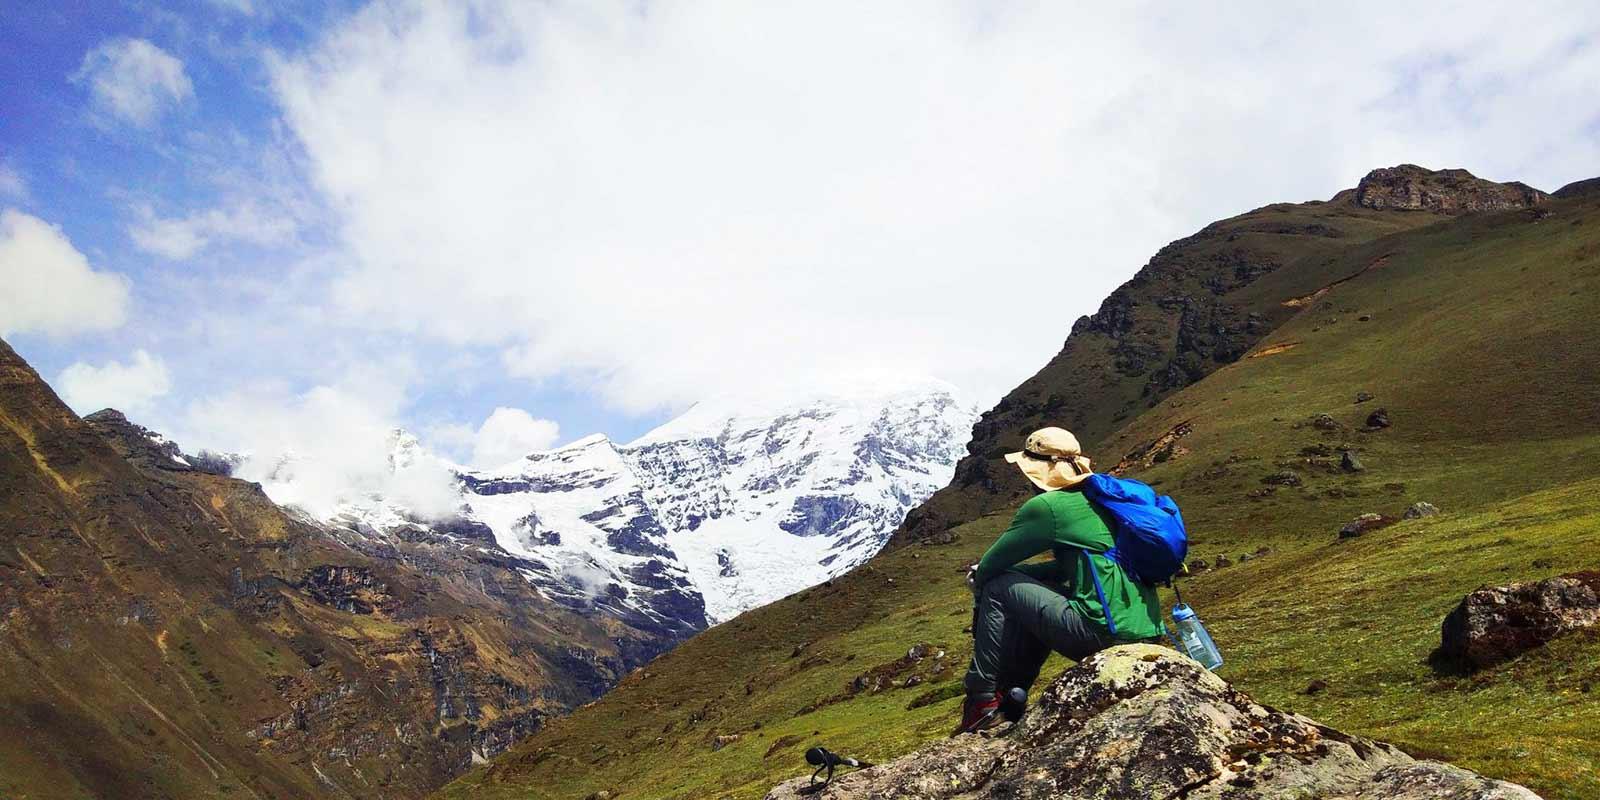 Trekking adventures in Bhutan